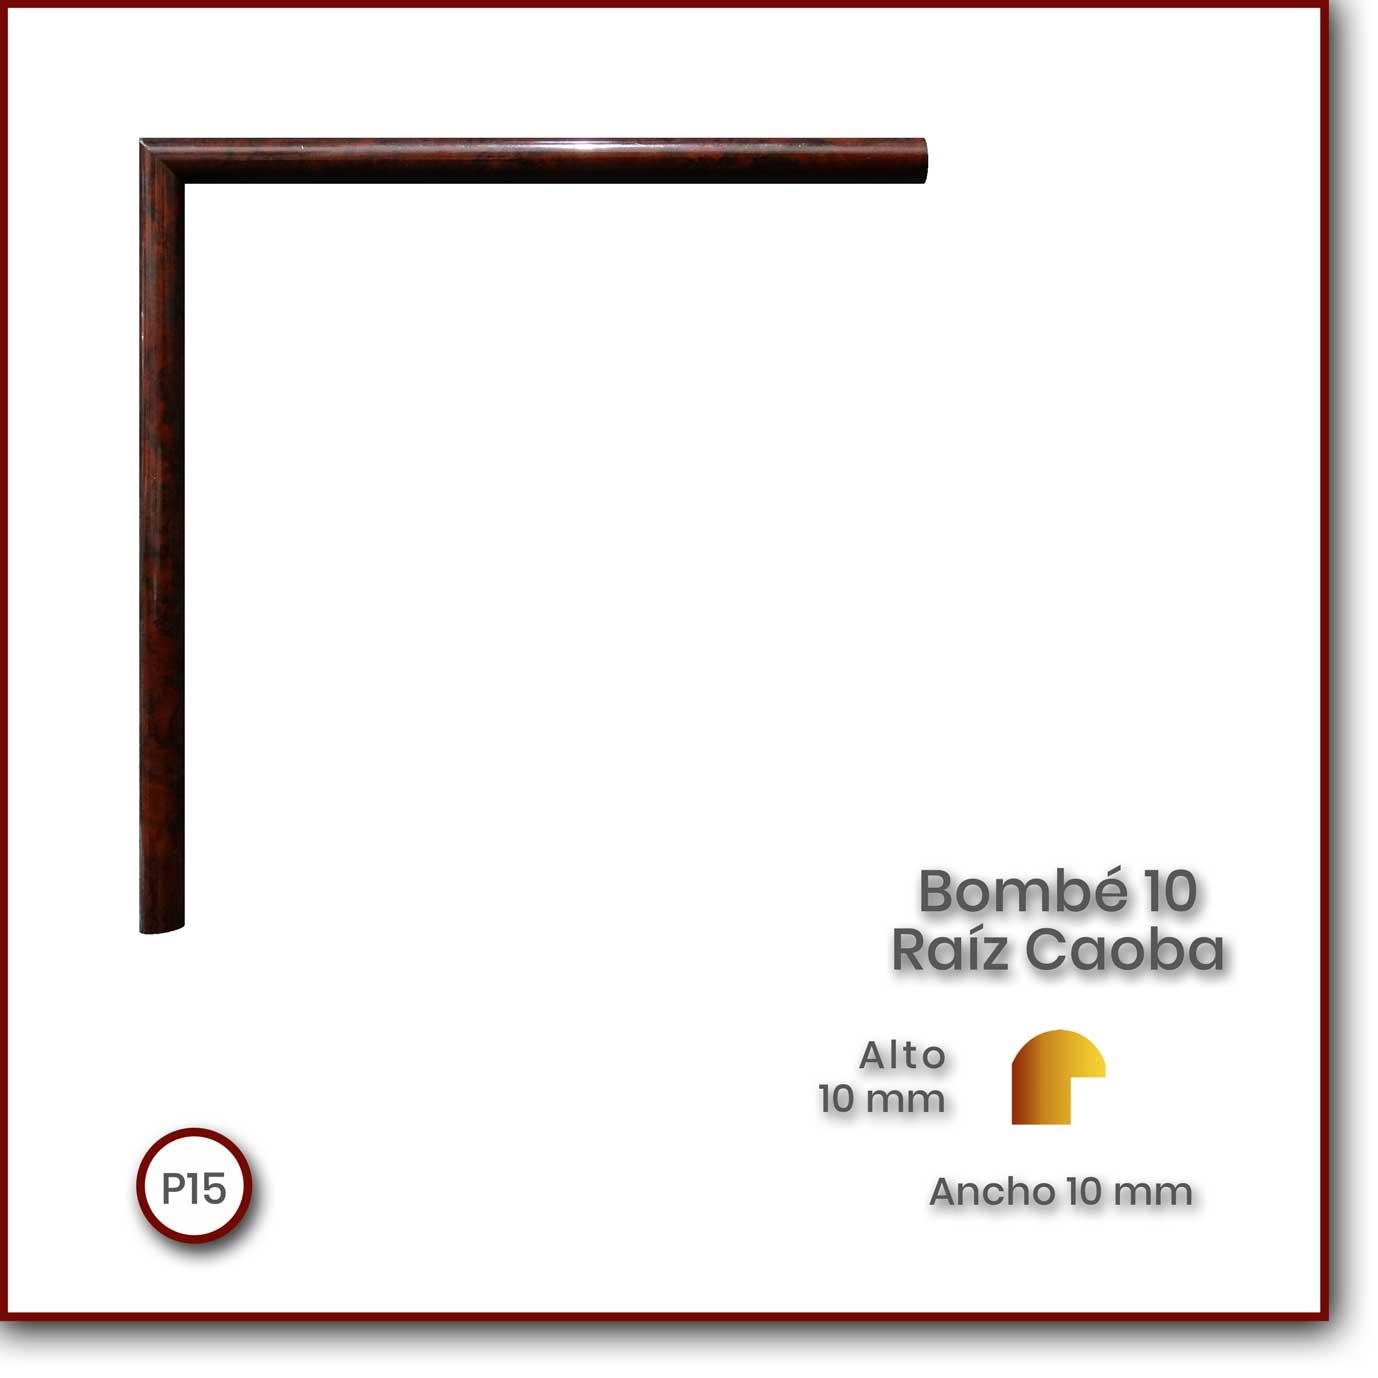 BOMBE-10_RAIZ-CAOBA_P15